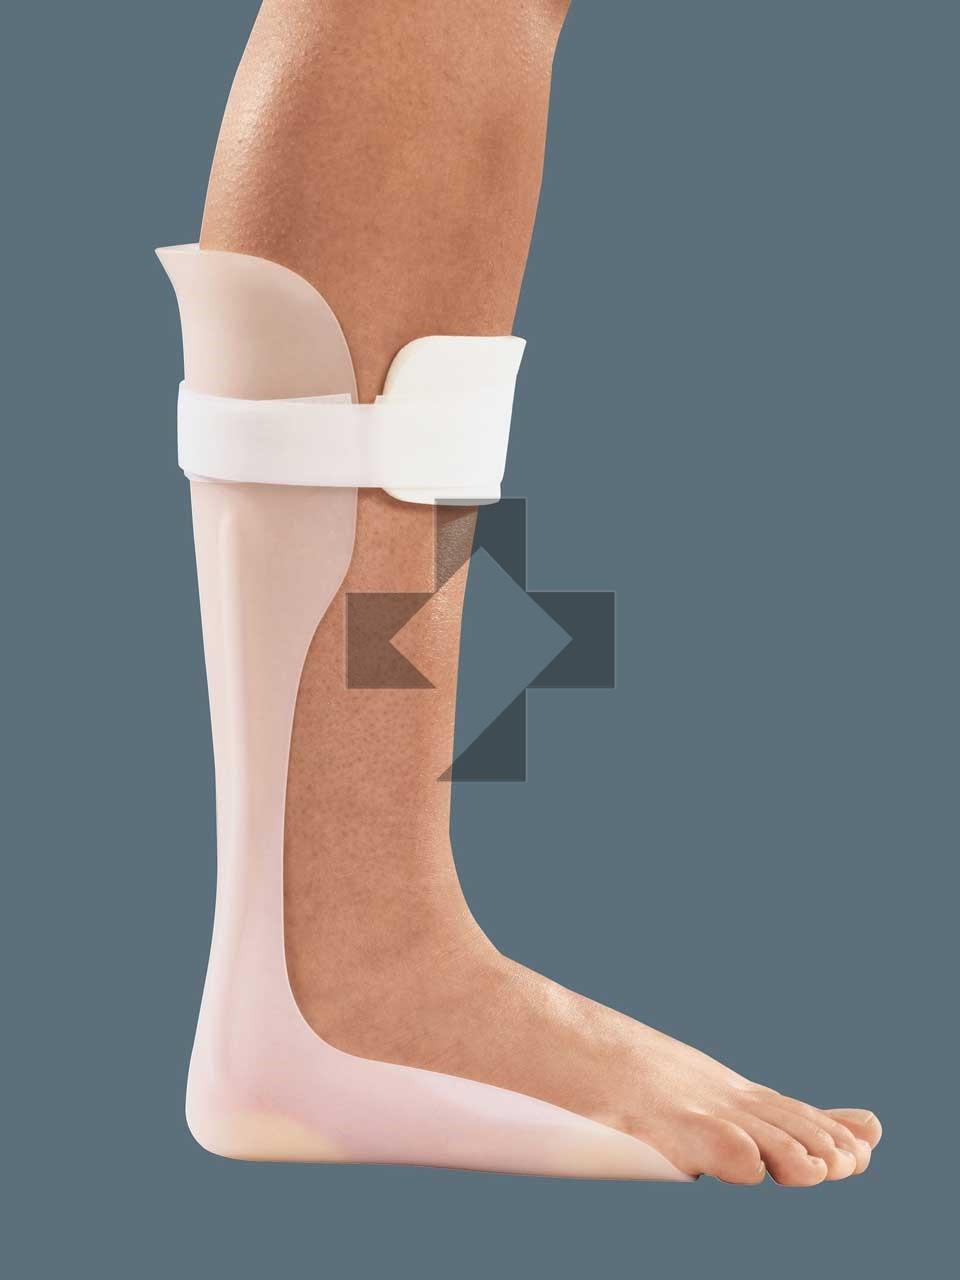 Doccia per gamba e piede sinistro Afo PR4-9062 PR4-9062 SX Ro+Ten